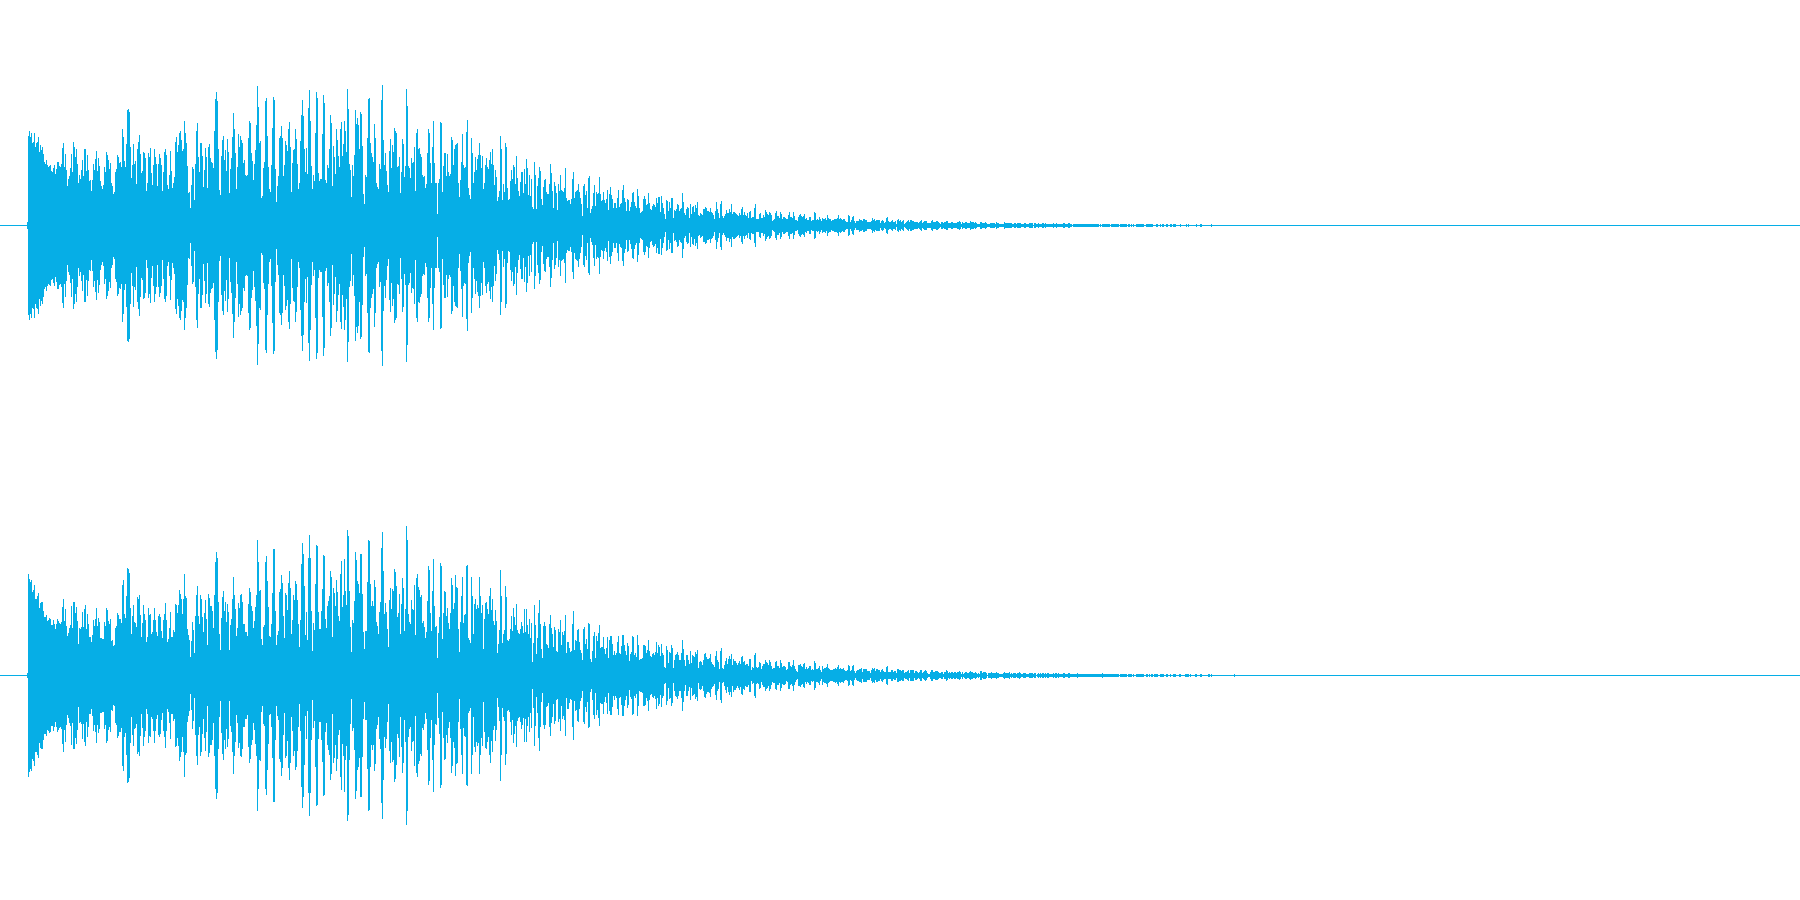 キラキラキラーン/鉄琴の綺麗な幸せ上昇音の再生済みの波形